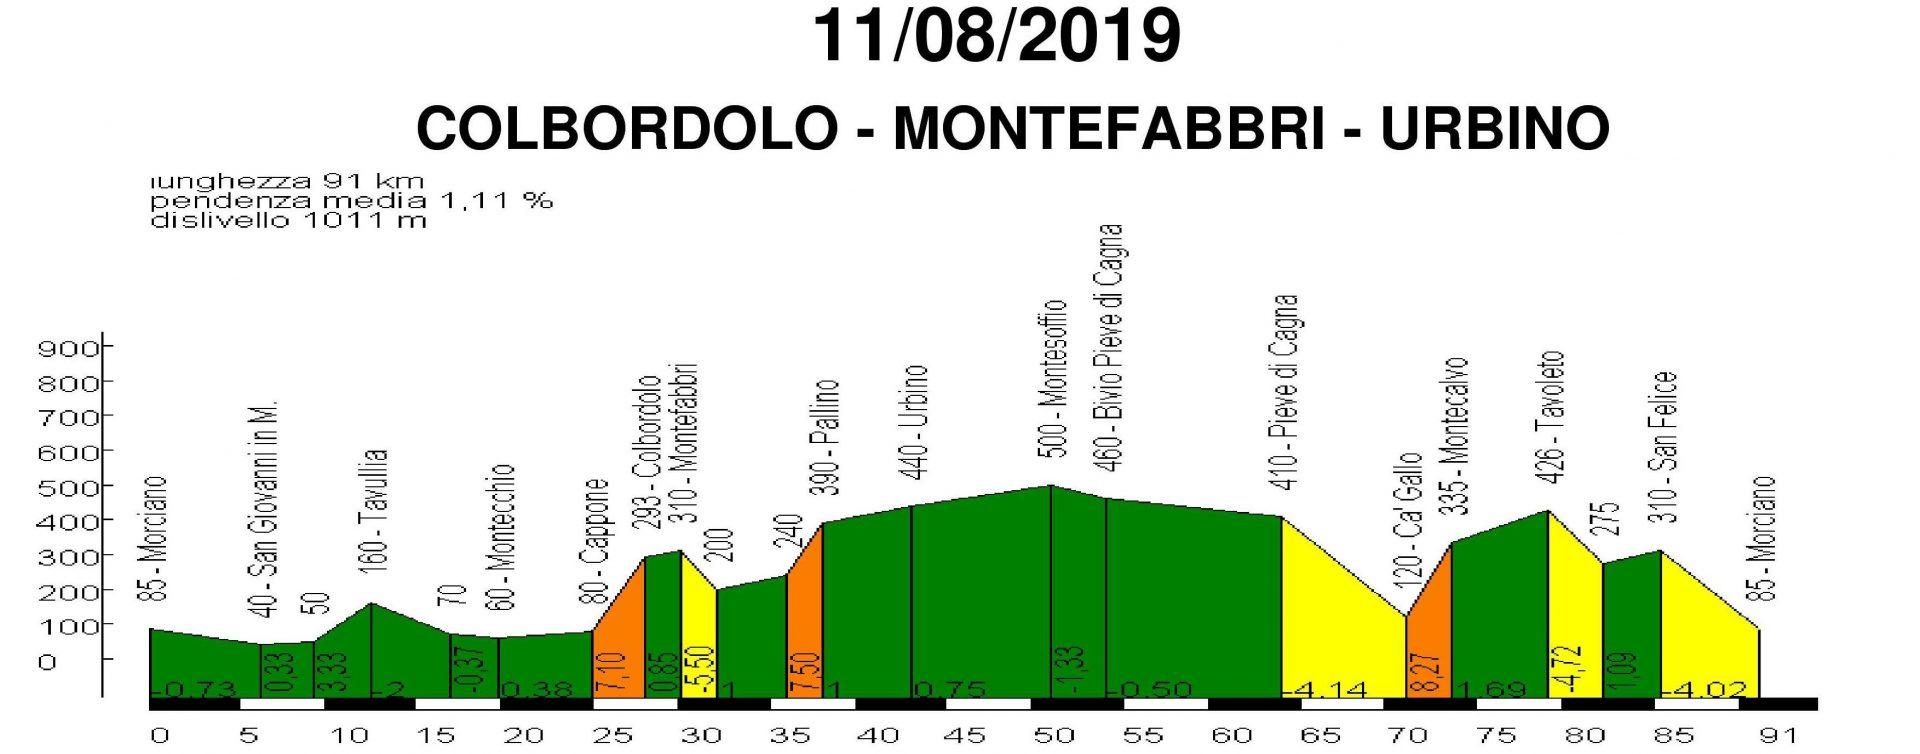 Domenica 11-ago-2019 – Colbordolo Montefabbri Urbino